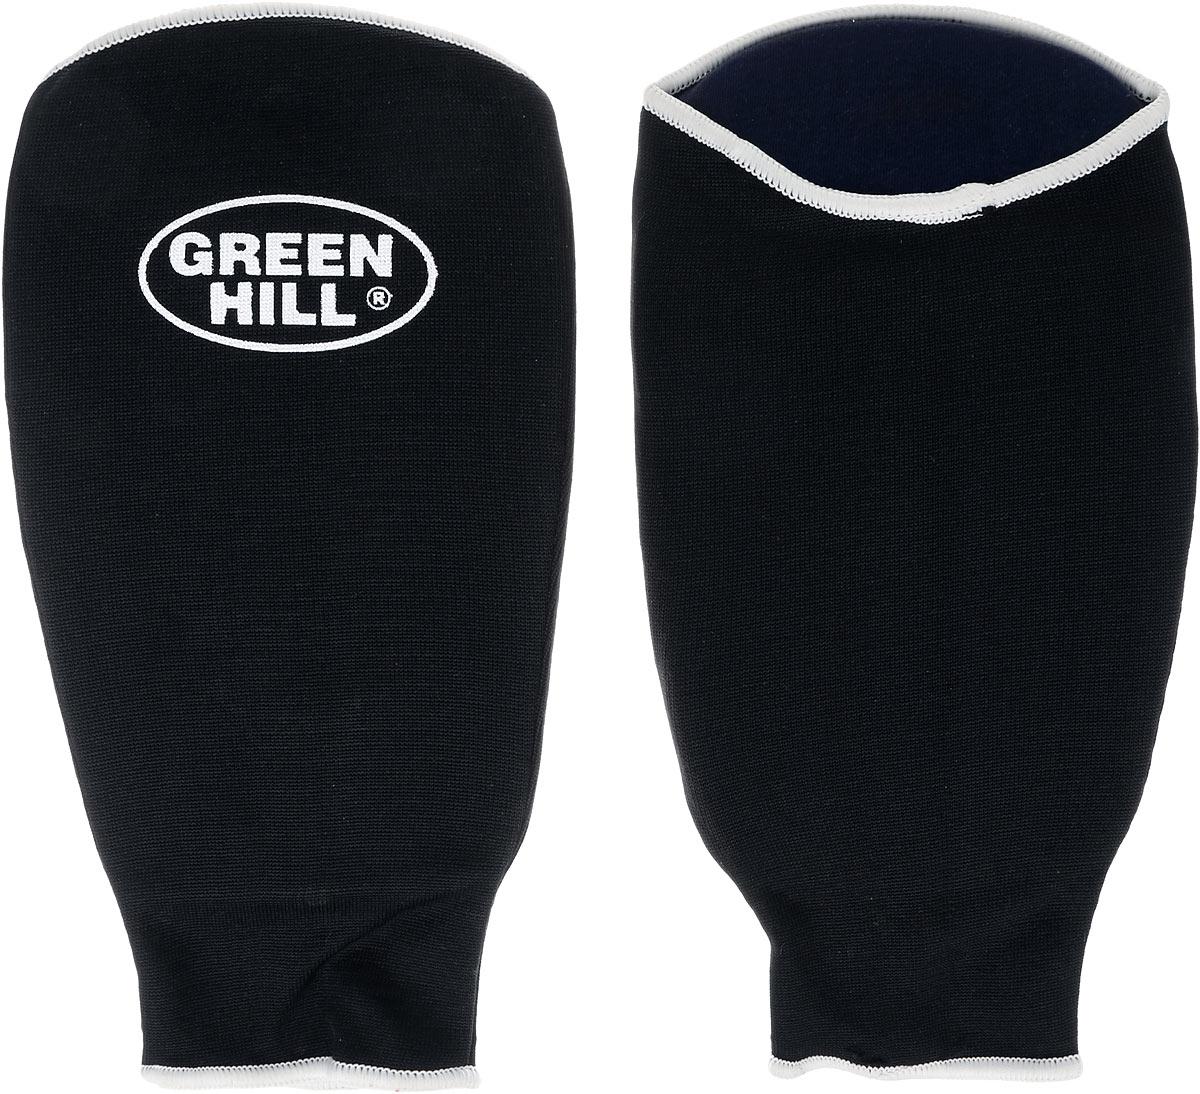 Защита на предплечье Green Hill, цвет: черный, белый. Размер L. AP-6132AP-6132Защита на предплечье Green Hill предназначена для занятий различными видами единоборств. Она защищает руки от синяков и ушибов. Защита изготовлена из хлопка с эластаном, мягкие вкладки изготовлены из вспененного полимера.